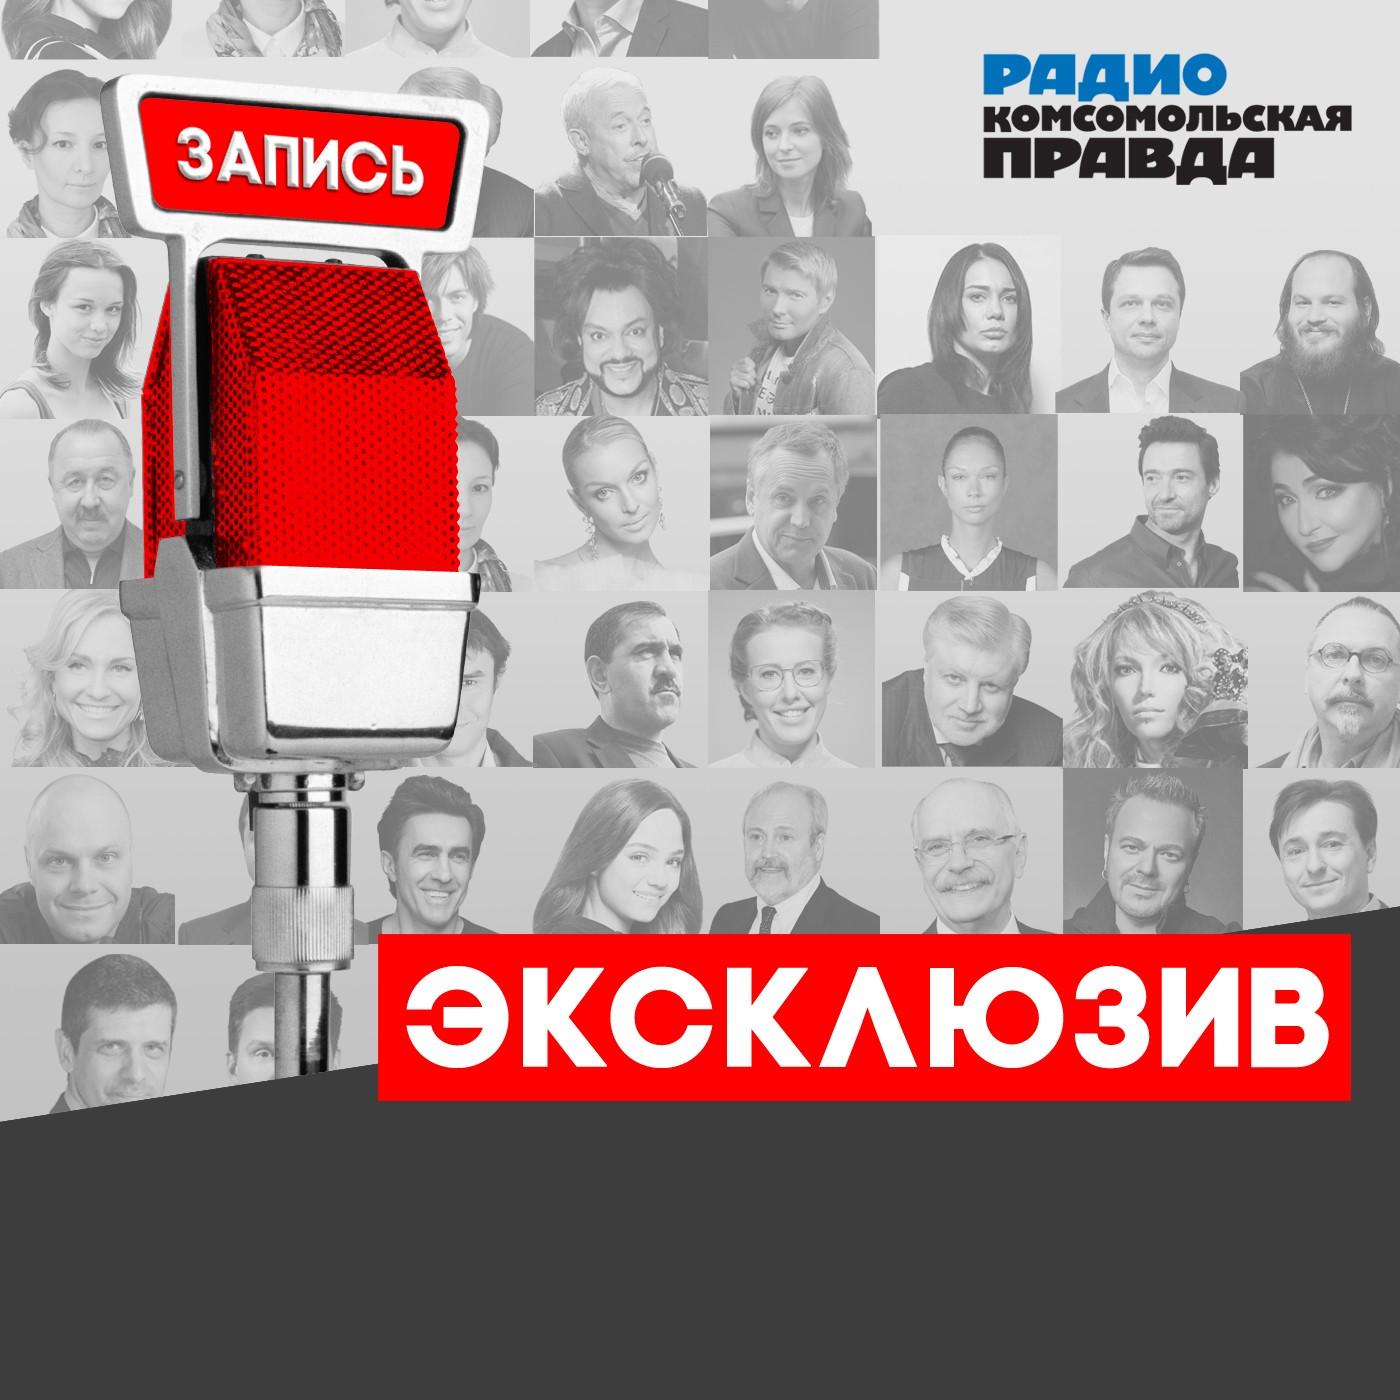 Радио «Комсомольская правда» Захар Прилепин: В России наконец- то поняли: пора снять сильный фильм о Донбассе прилепин захар непохожие поэты